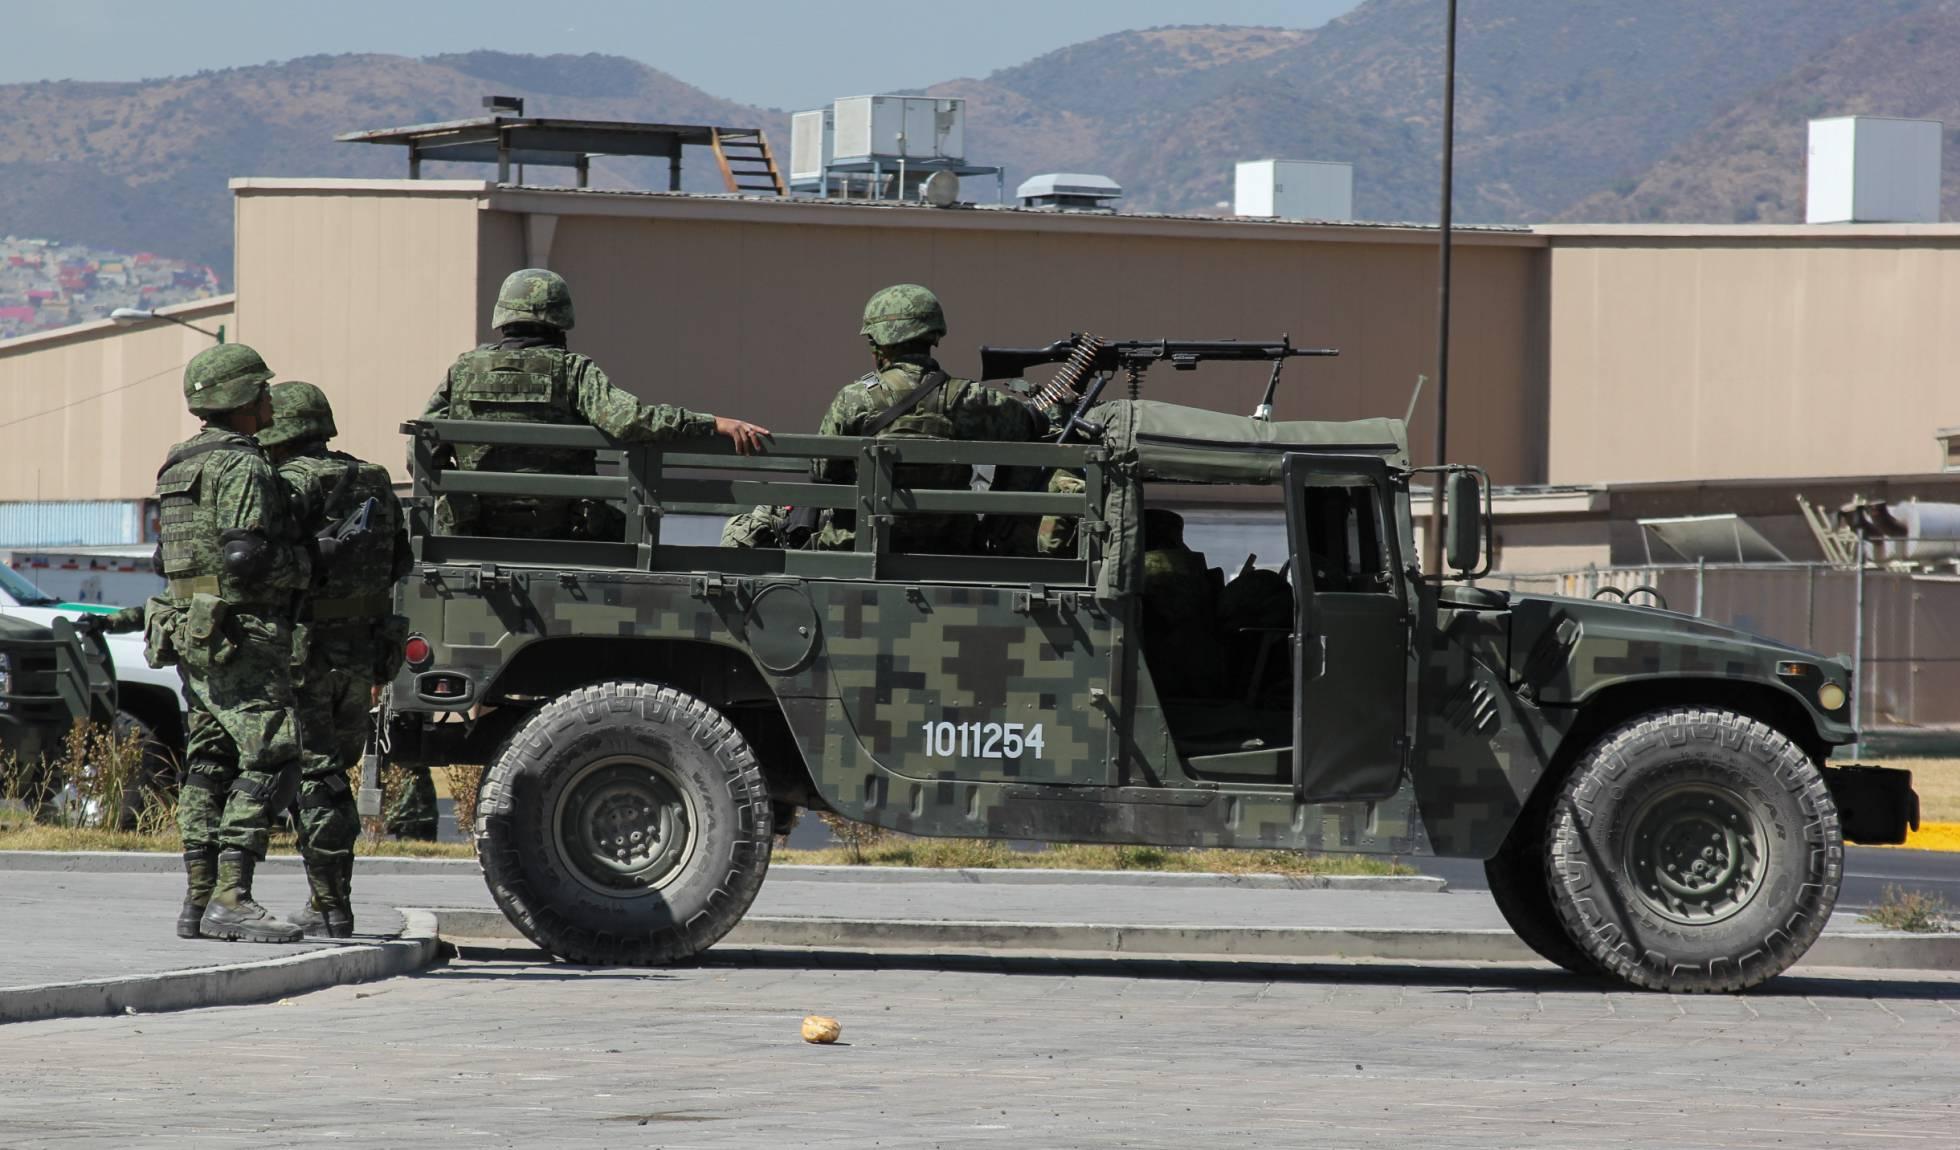 Un tribunal ordena volver a detener a los militares implicados en el 'caso Tlatlaya' en México